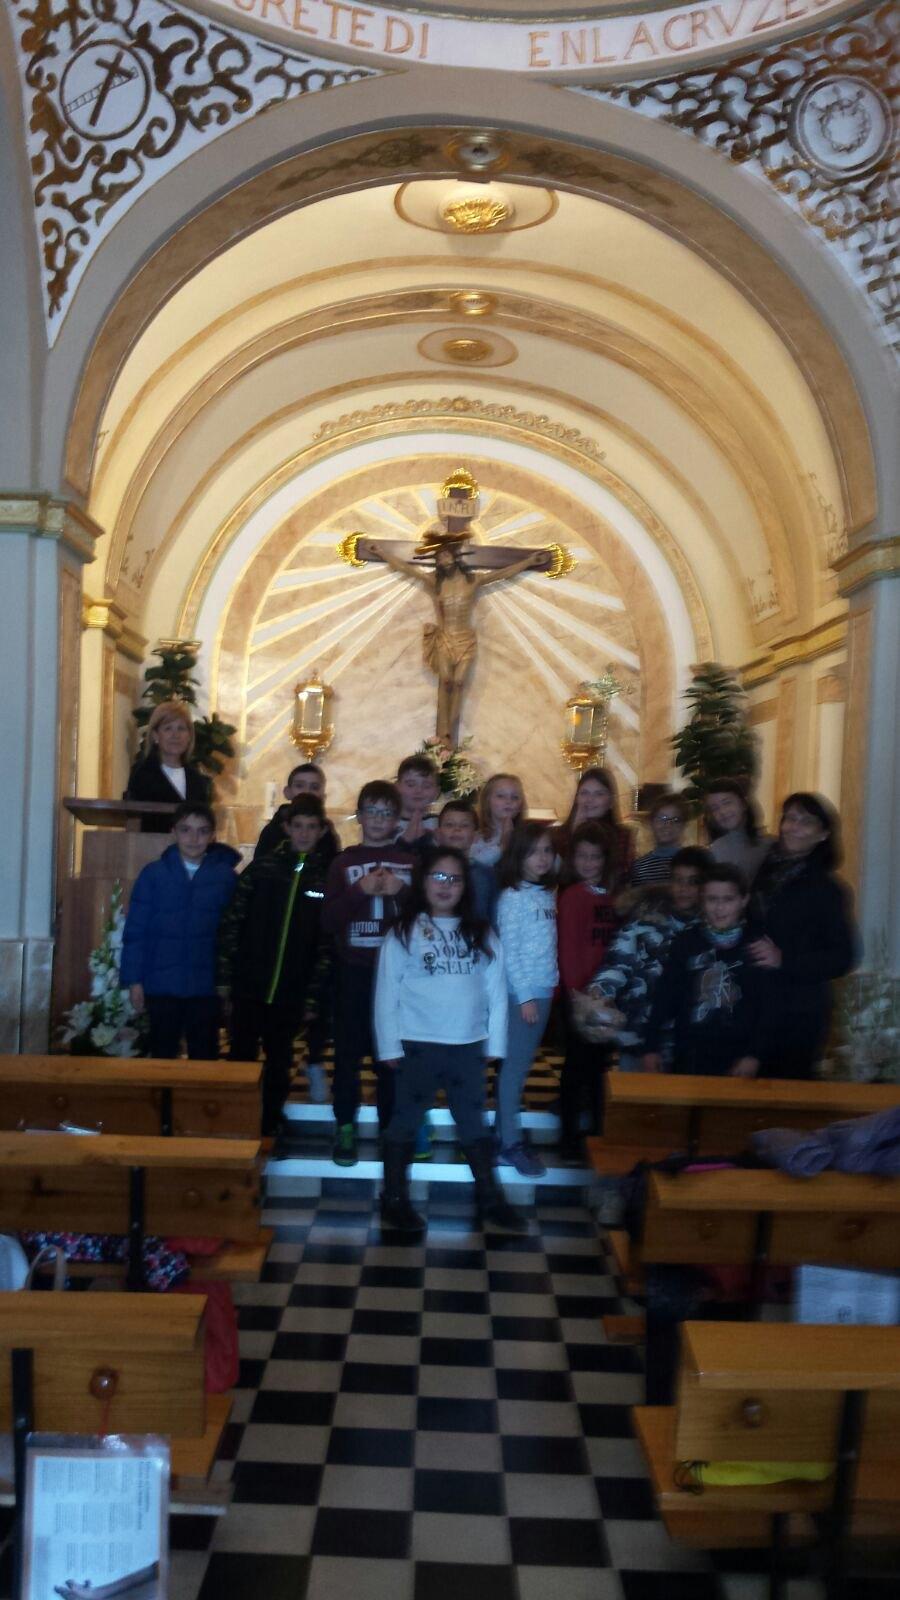 (2018-03-13) - Visita ermita alumnos Laura,3ºA, profesora religión Reina Sofia - Marzo -  María Isabel Berenguer Brotons (02)